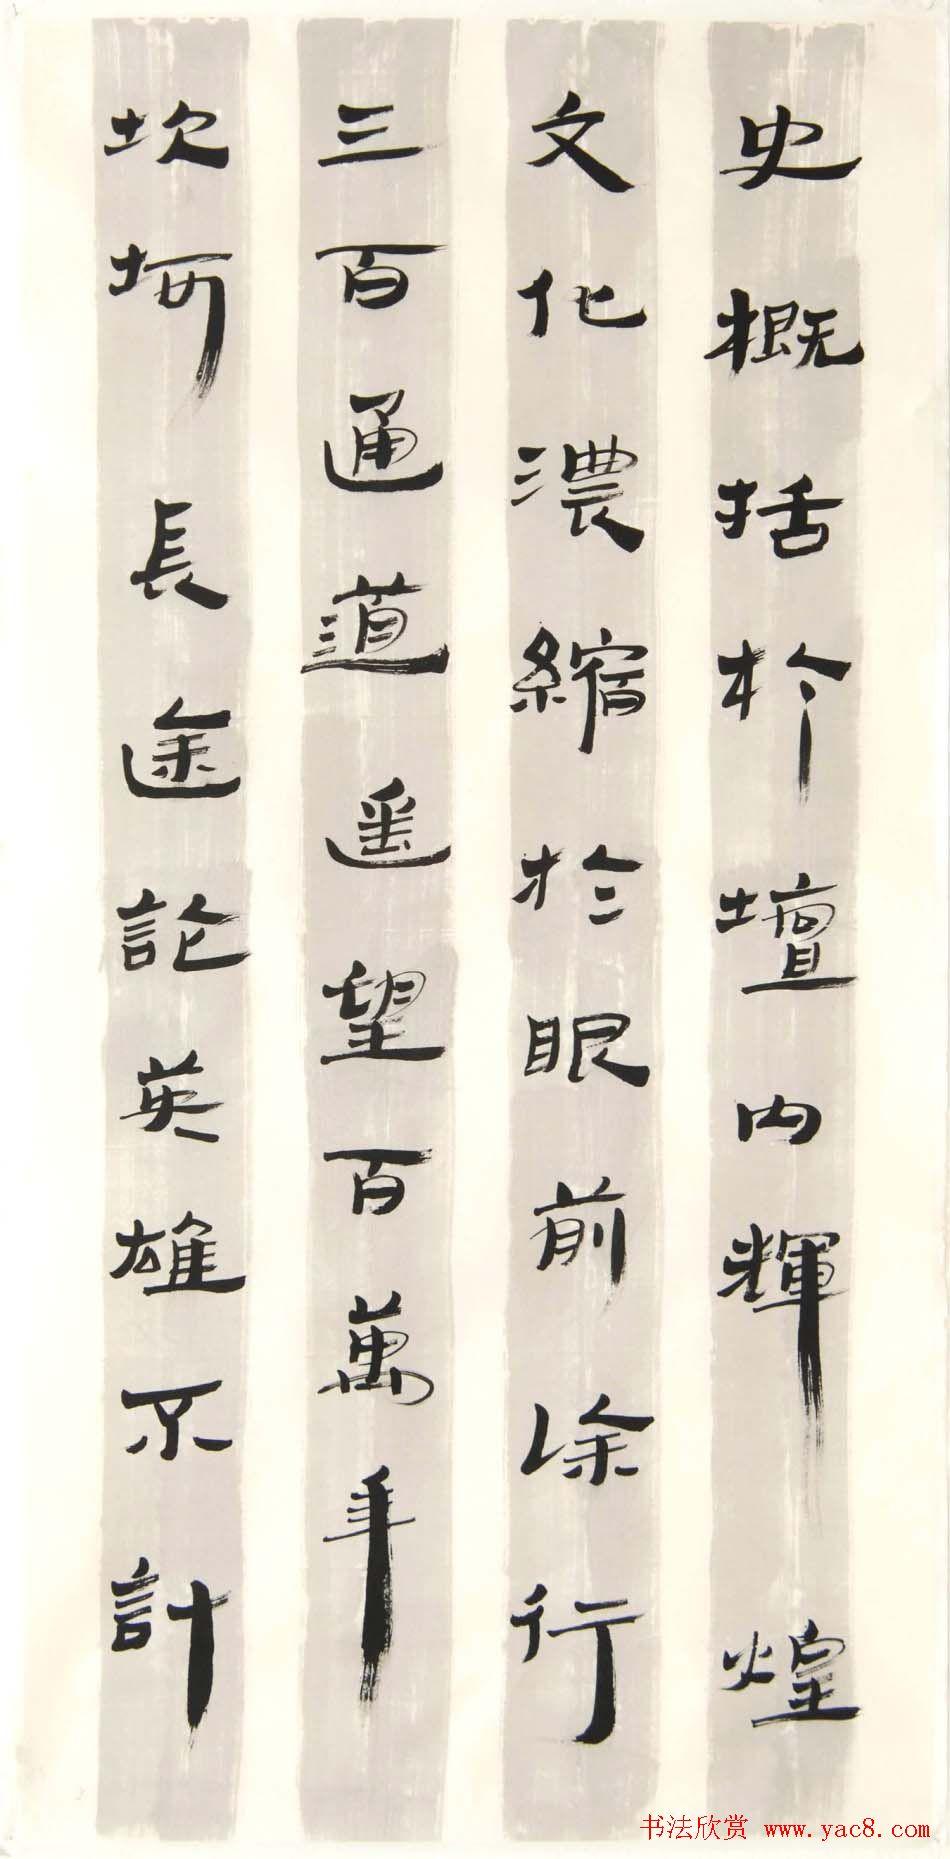 闫素之汉碑汉简书法作品欣赏 第10页 毛笔书法 书法欣赏